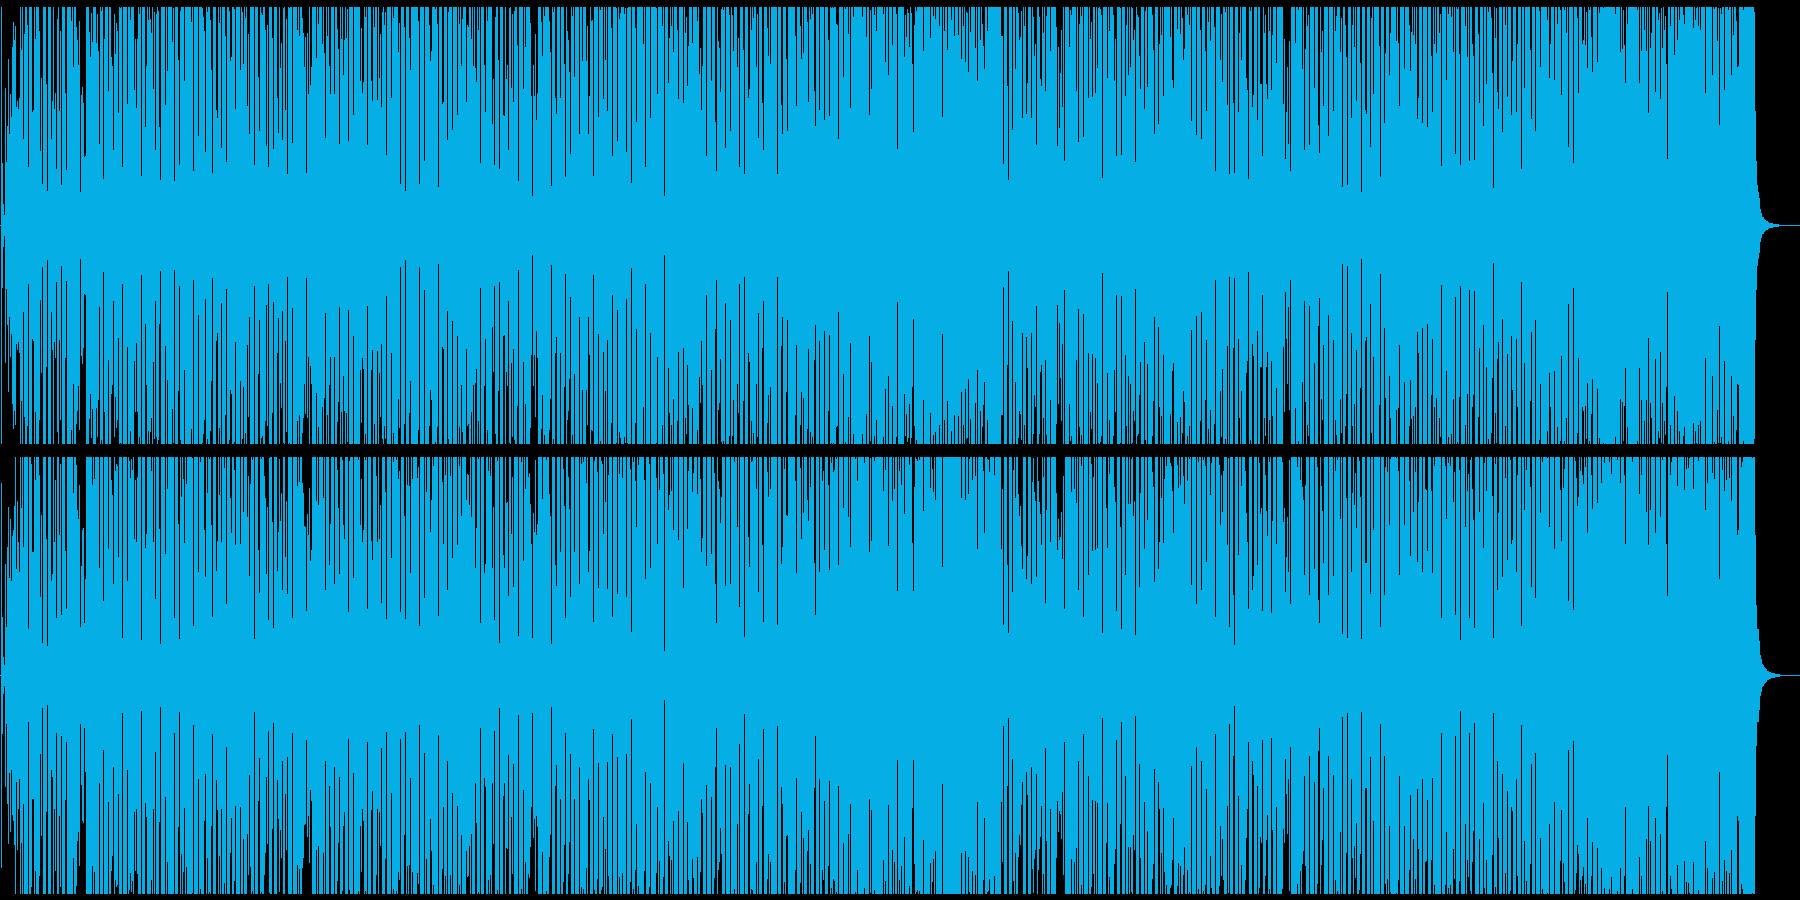 軽快で明るいジプシージャズの再生済みの波形